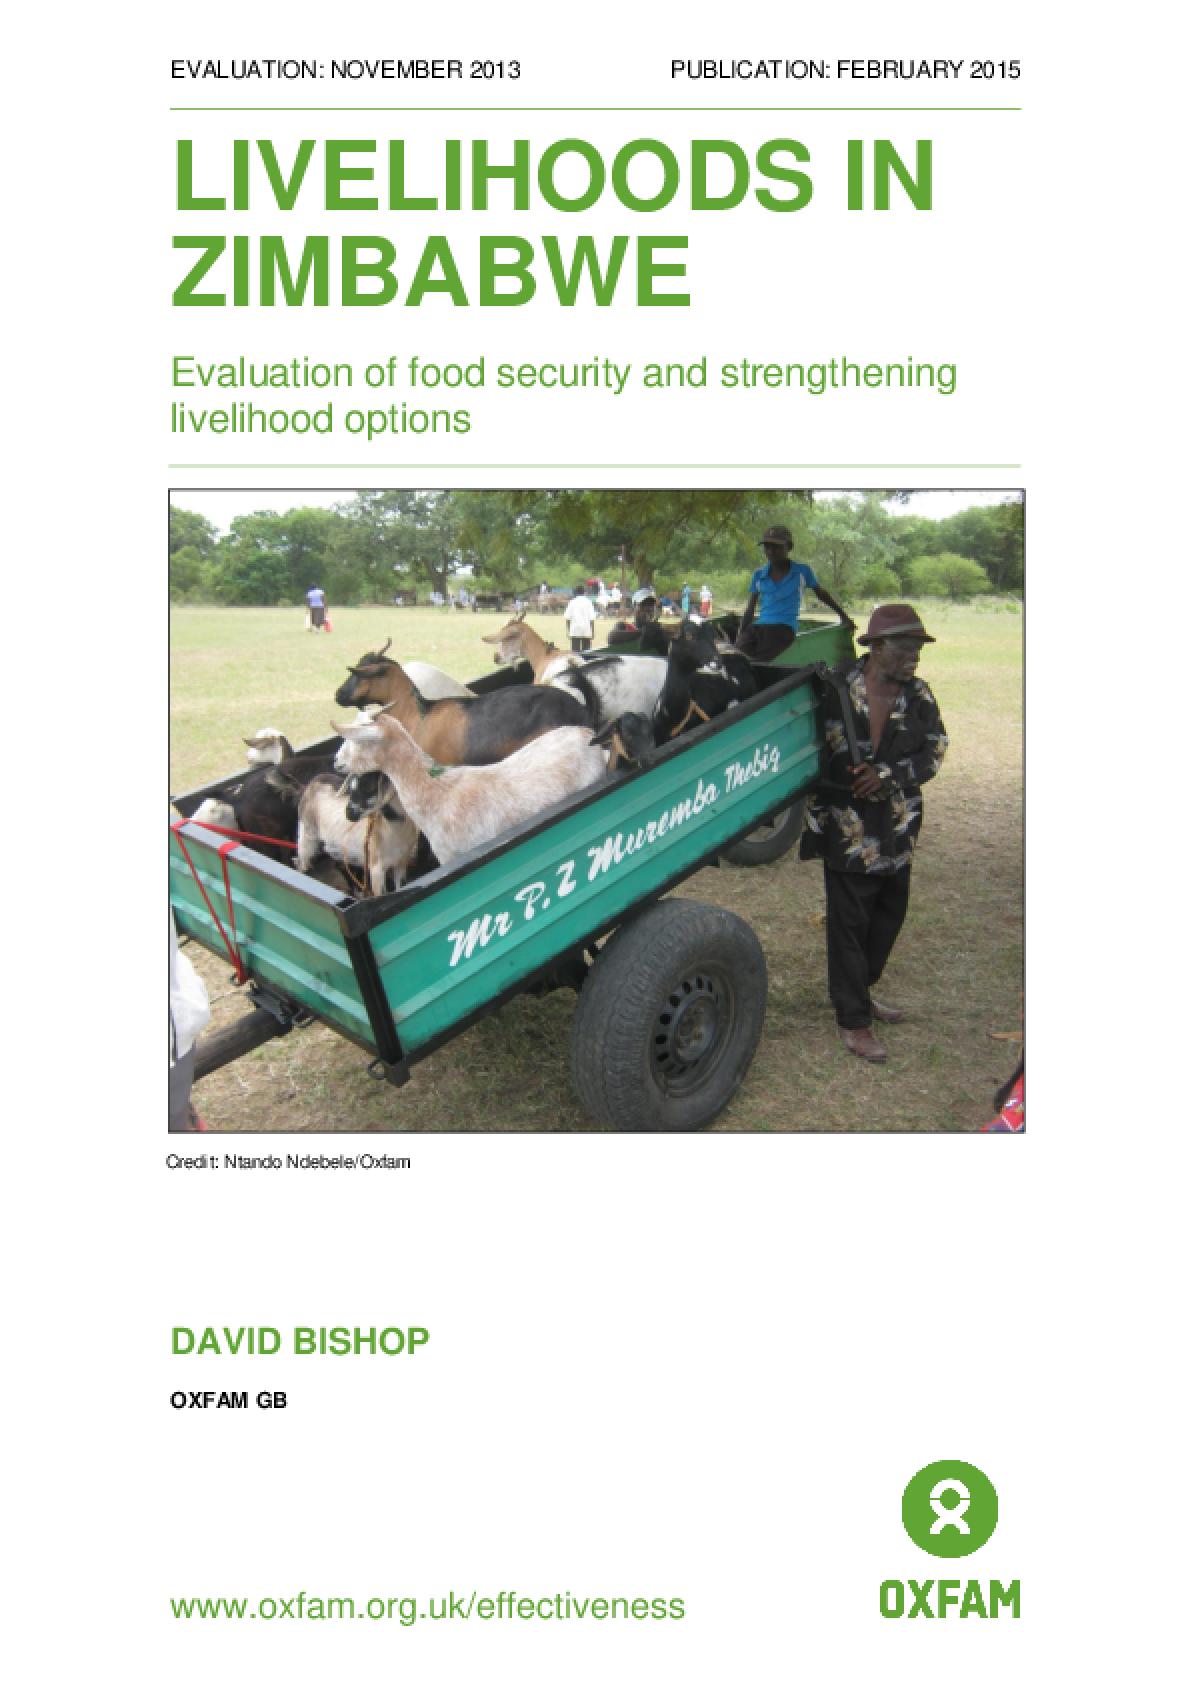 Livelihoods in Zimbabwe: Evaluation of food security and strengthening livelihood options